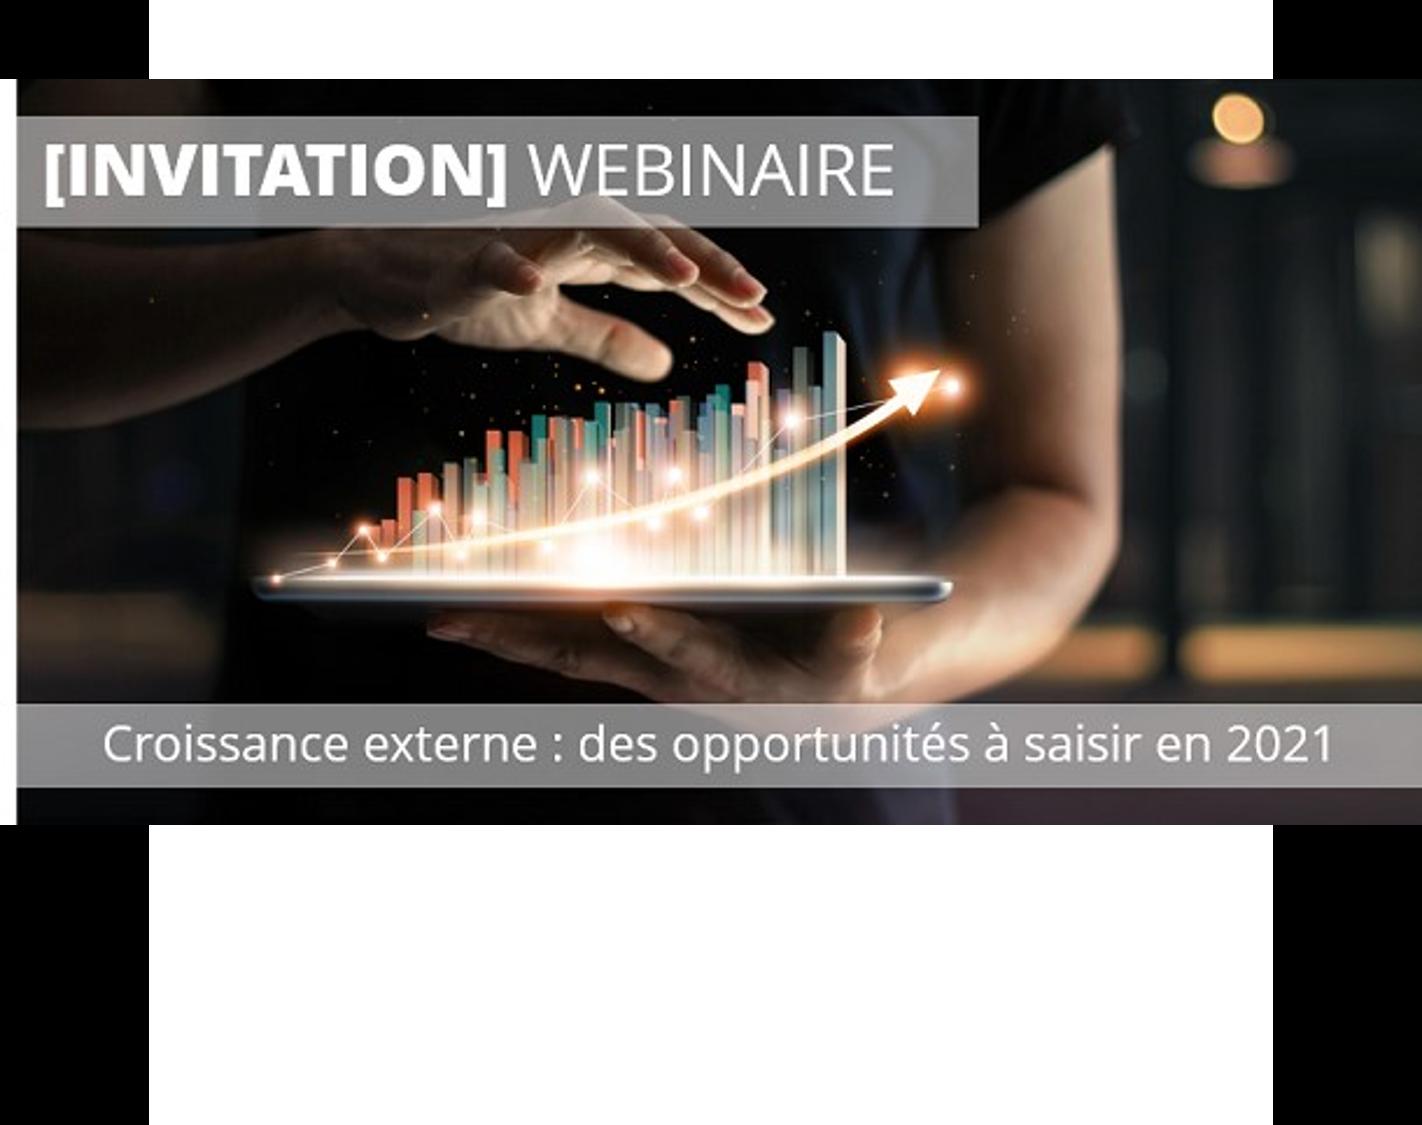 [Webinaire] Croissance externe : des opportunités à saisir en 2021